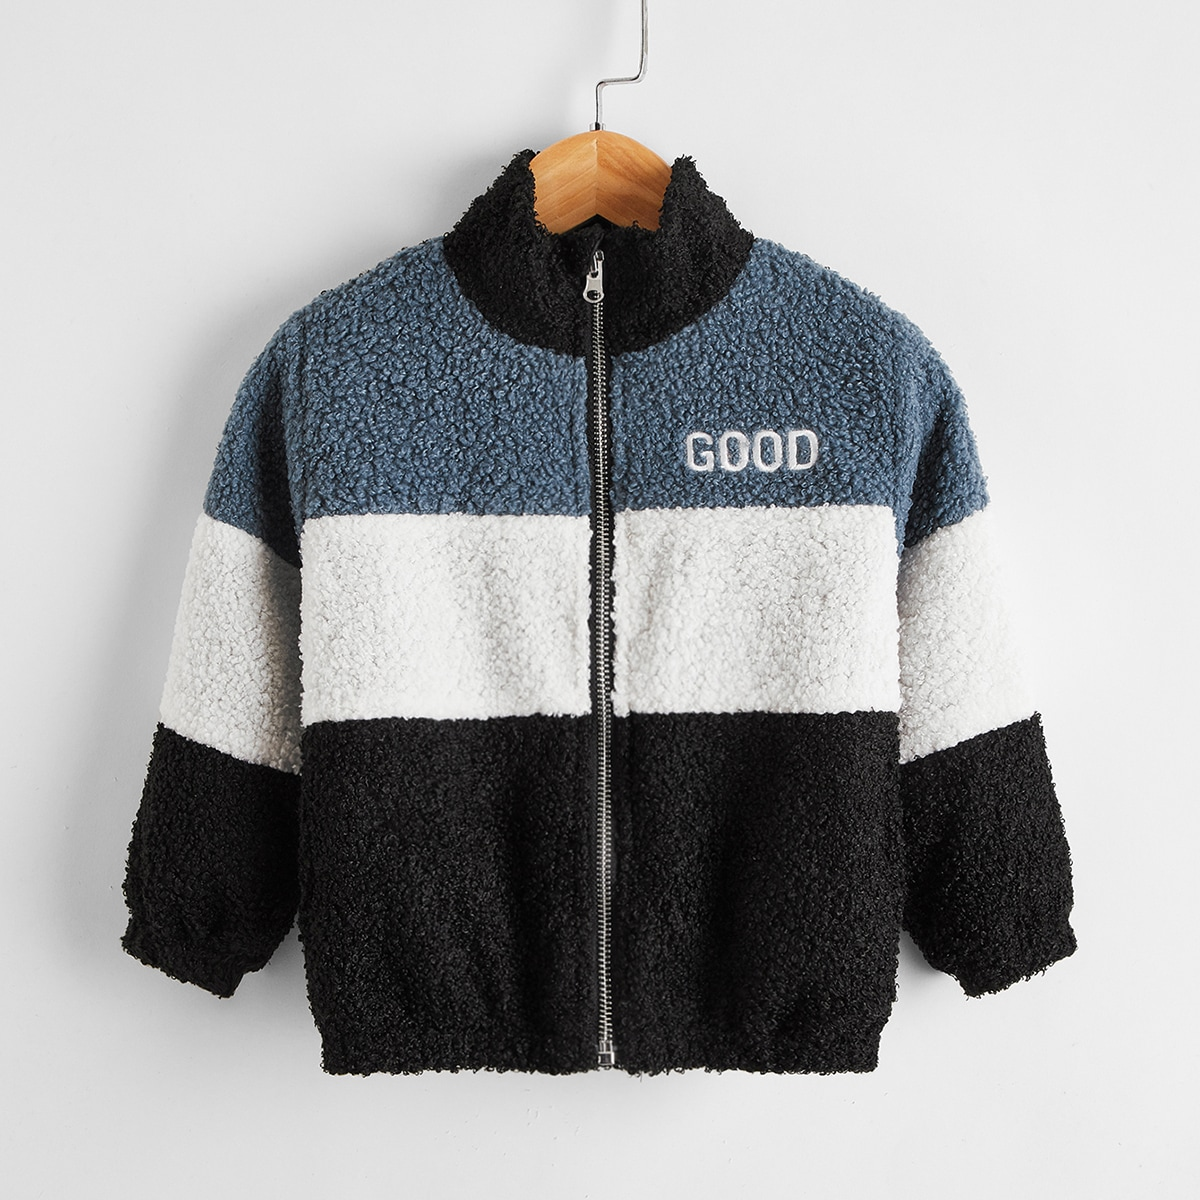 Контрастное плюшевое пальто на молнии с текстовой вышивкой для мальчиков